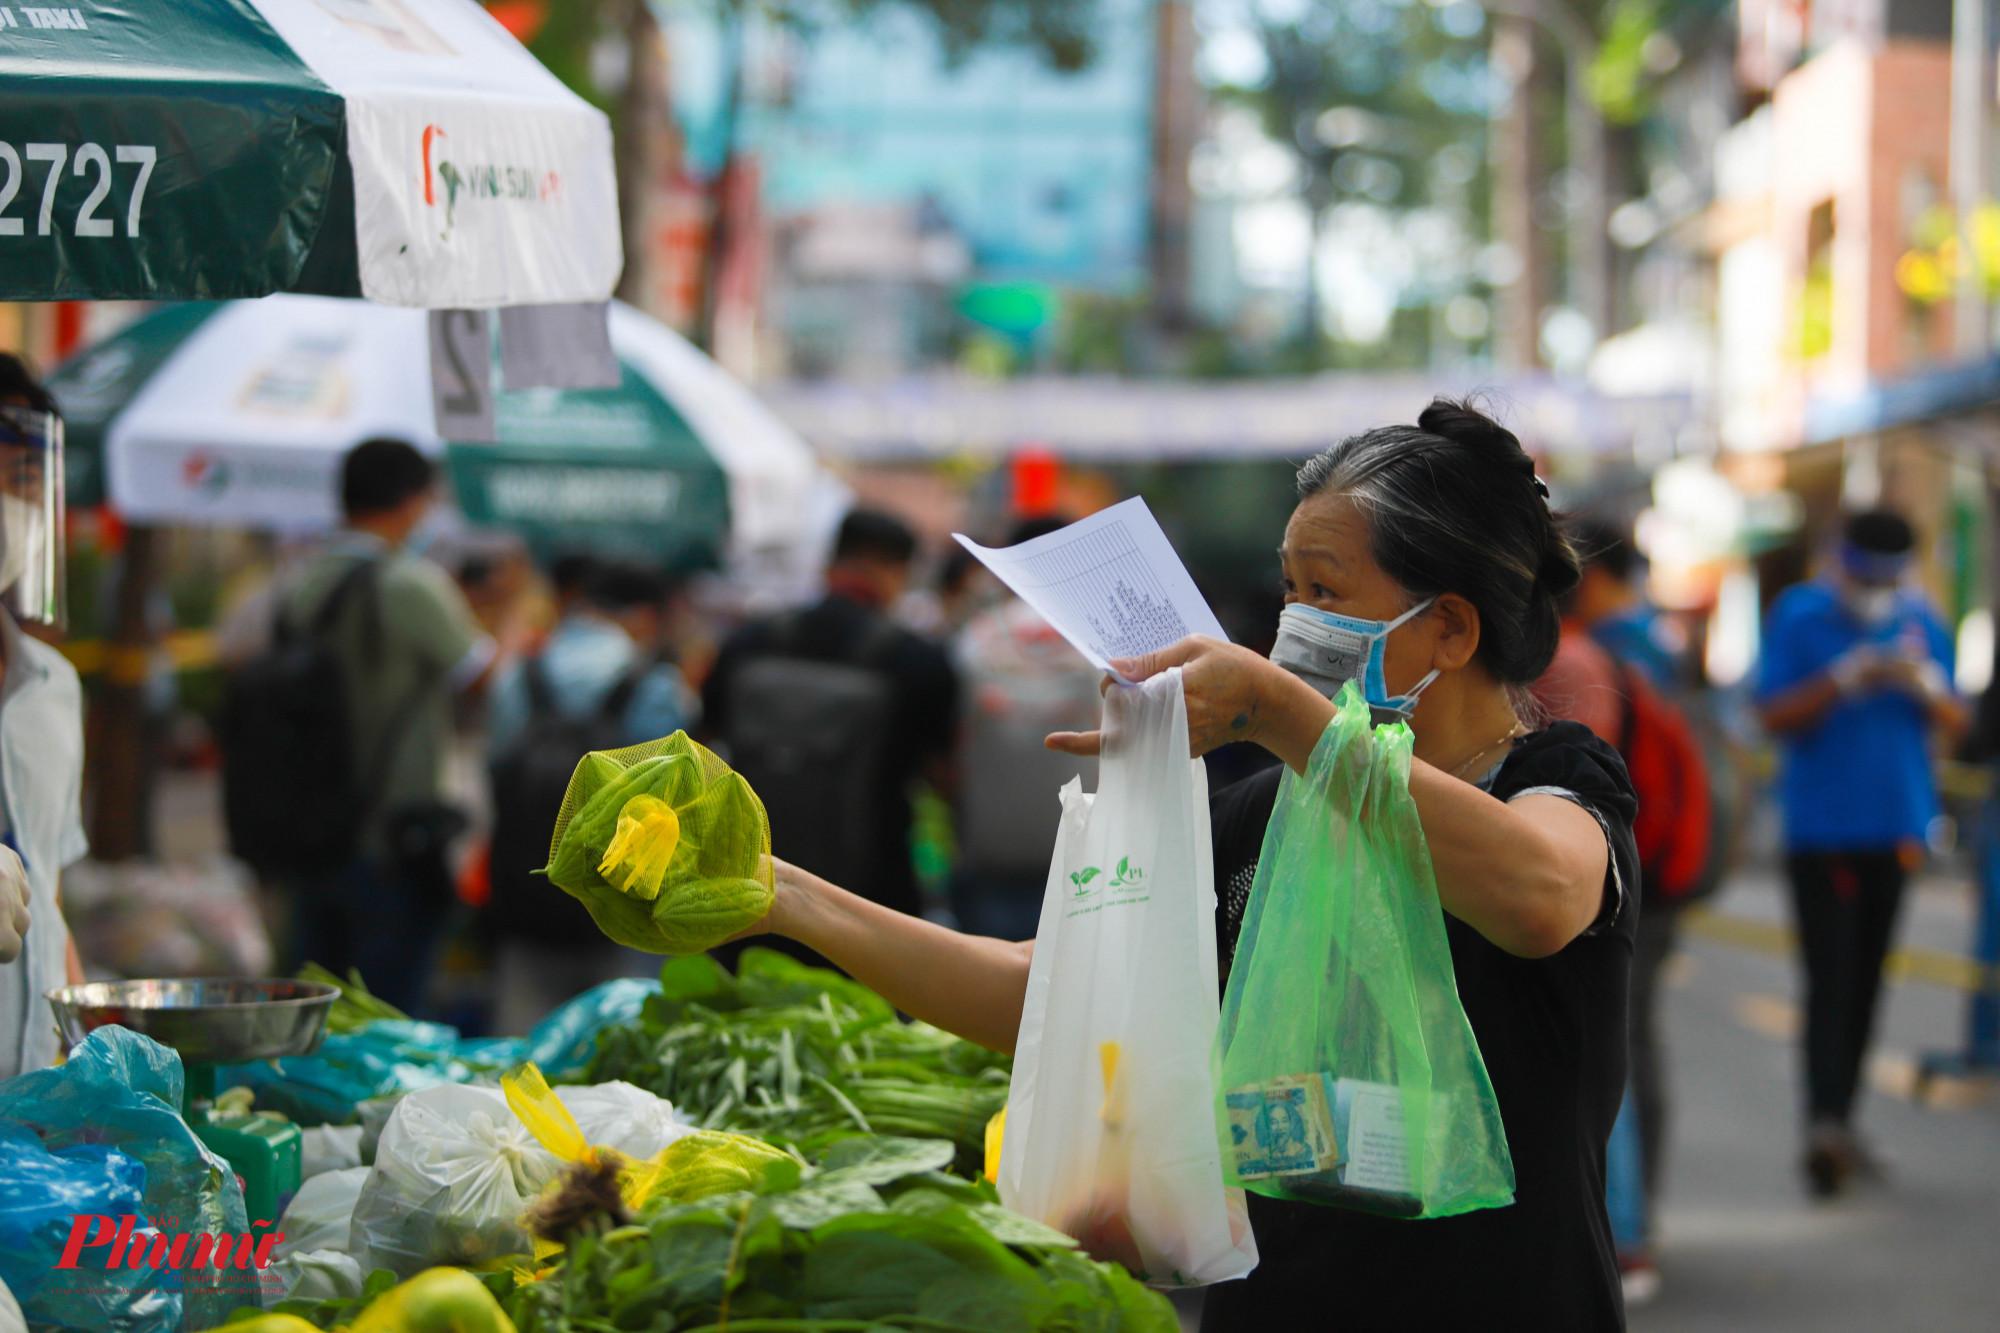 Việc tận tay chọn những loại rau củ ưa thích cho gia đình khiến nhiều người dân cảm thấy an tâm hơn